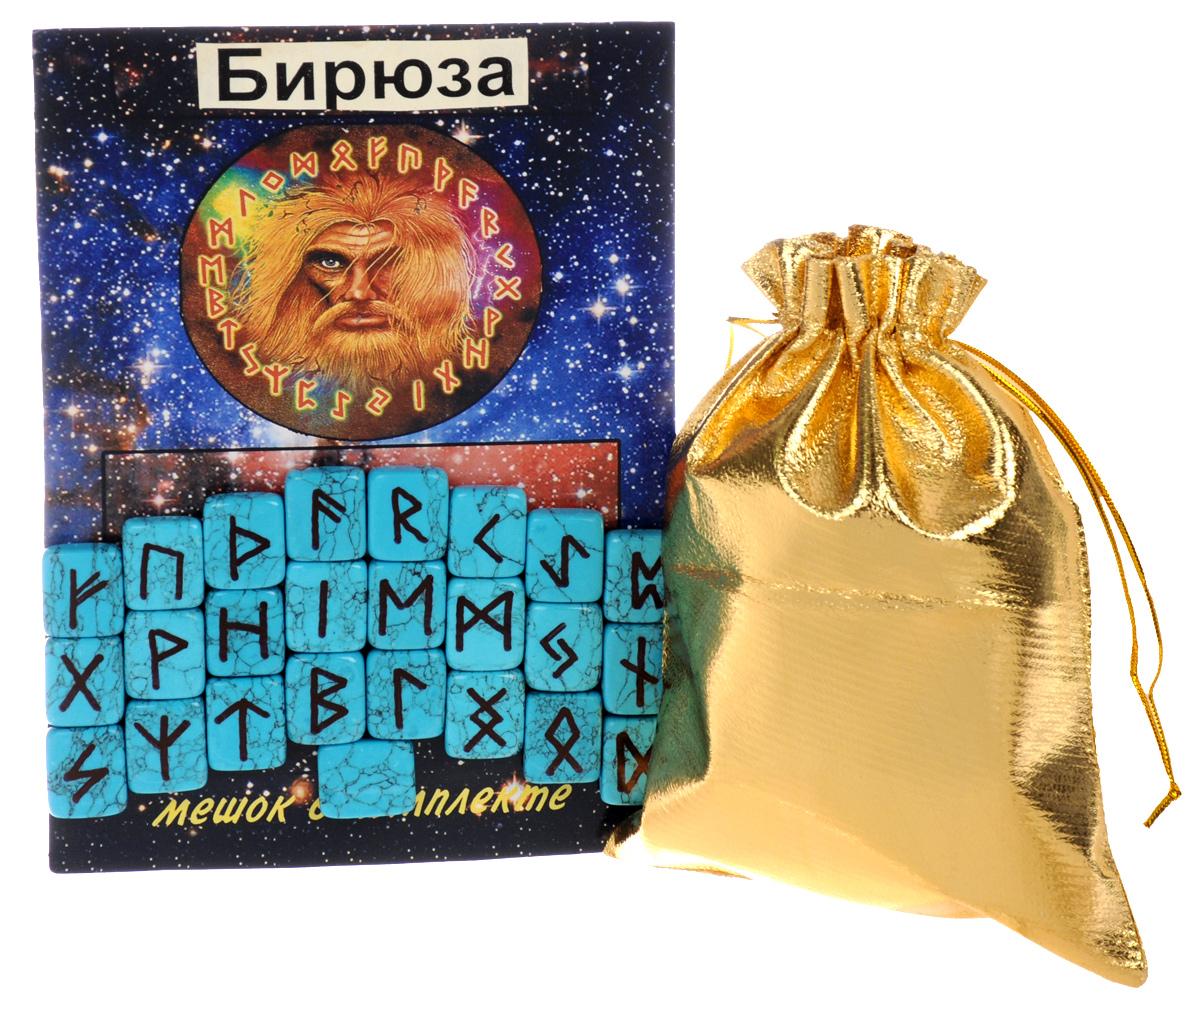 Руны Гадальные из бирюзы, 25 шт. 50405040_бирюза25Руны Гадальные вырезаны вручную из бирюзы. Этот камень отлично подходит для рун, очень крепкий, не побьется и не расколется во время сеанса гадания. Набор состоит из 25 рун, на каждой из которых изображен свой знак. К набору прилагается инструкция. Текстильный мешочек, входящий в комплект, сверху затягивается шнурком. Руны - это не только древнейший оракул скандинавских и германских племен Северной Европы, это еще и устоявшаяся магическая система гадания, помогающая находить ответы и пути решения самых разных проблем и вопросов. При достойном отношении к Рунам как к серьезному гаданию, вы убедитесь, что Руны могут помогать находить верные решения в сложных ситуациях, направлять ваши собственные решения в верное русло, показав вероятные события, предоставив на выбор несколько путей и предложив решение проблемы на тот случай, если неблагоприятному предсказанию все же суждено сбыться.